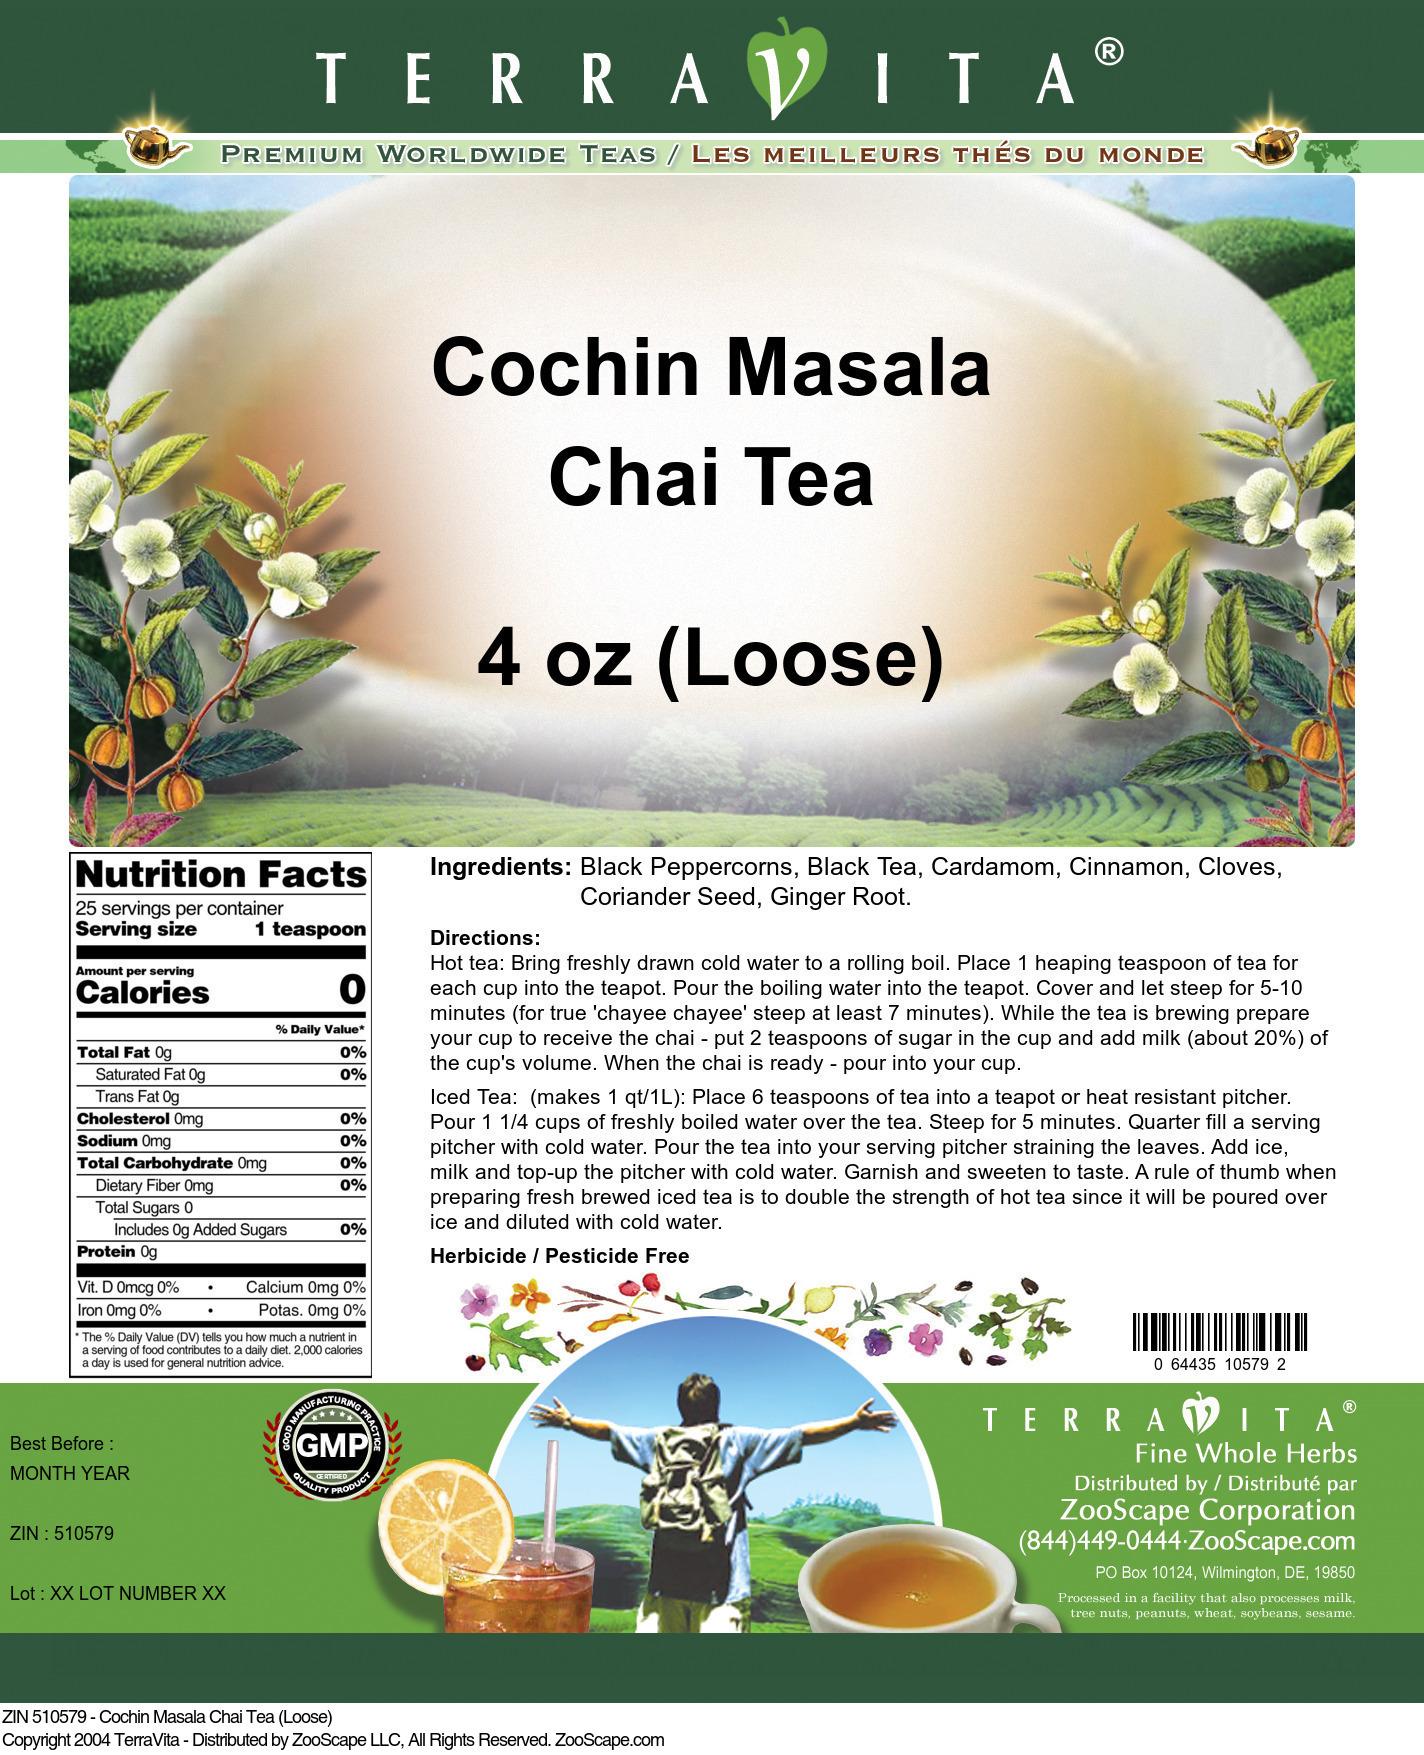 Cochin Masala Chai Tea (Loose)